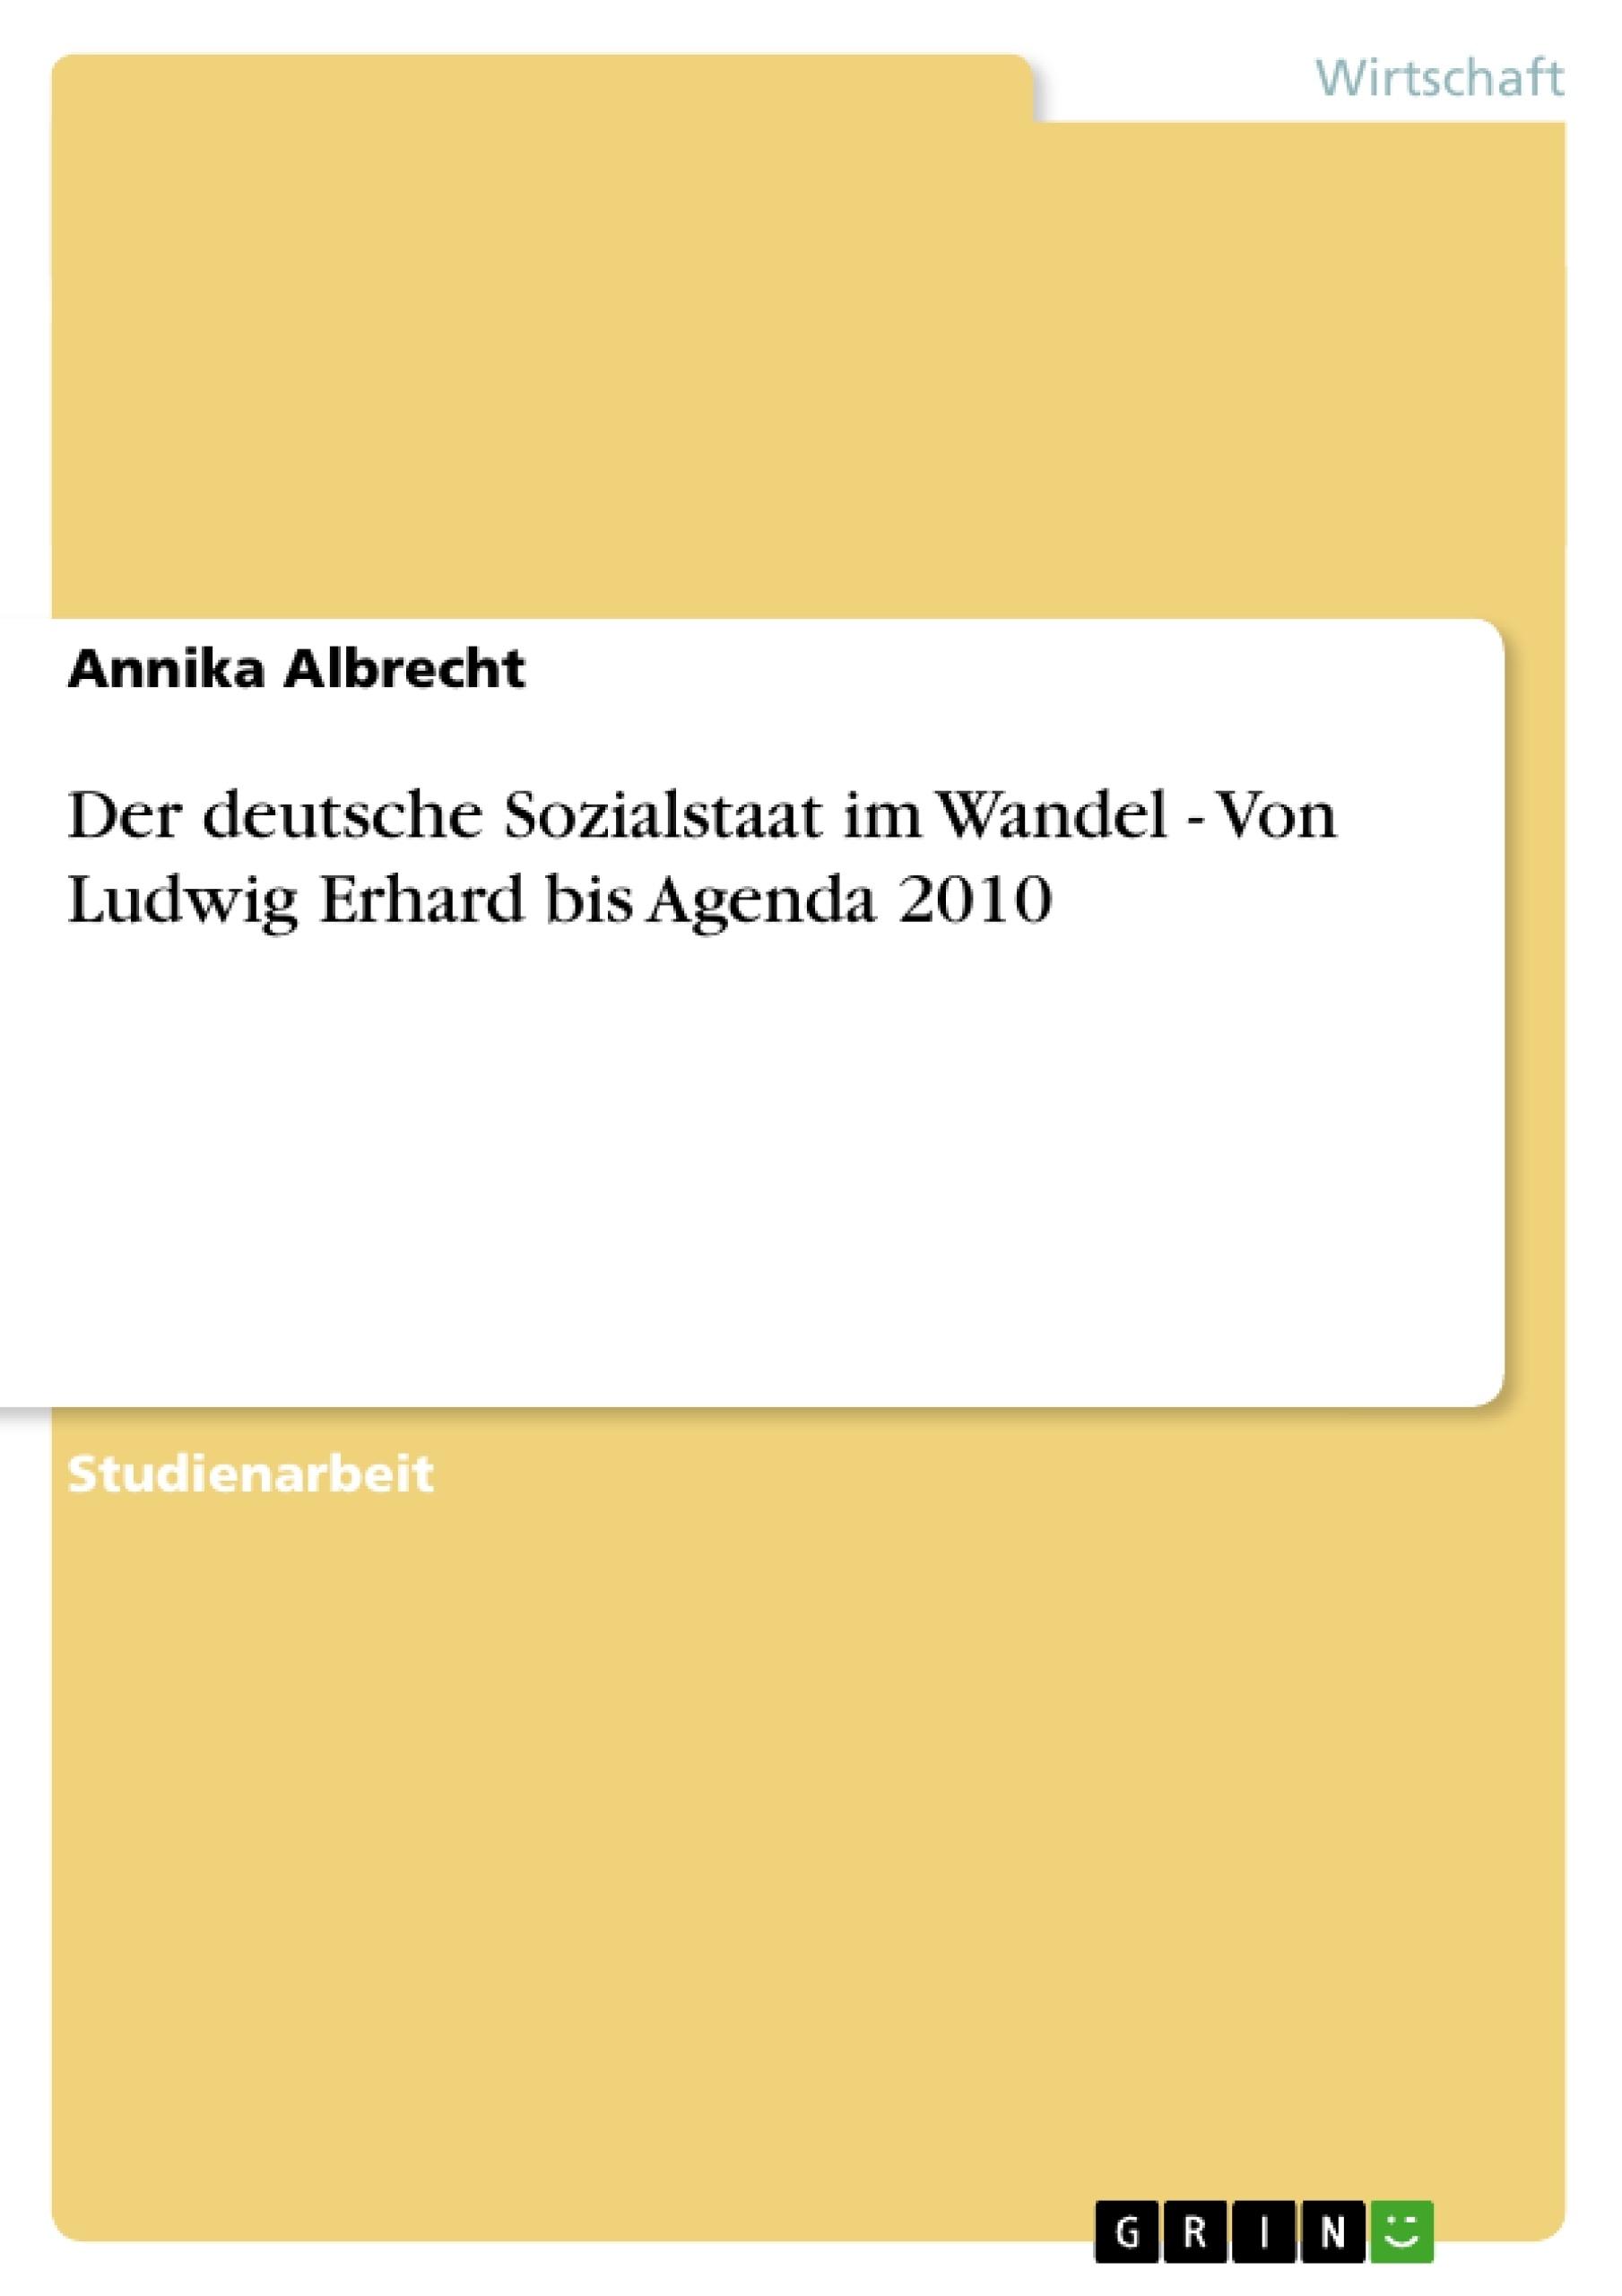 Titel: Der deutsche Sozialstaat im Wandel - Von Ludwig Erhard bis Agenda 2010